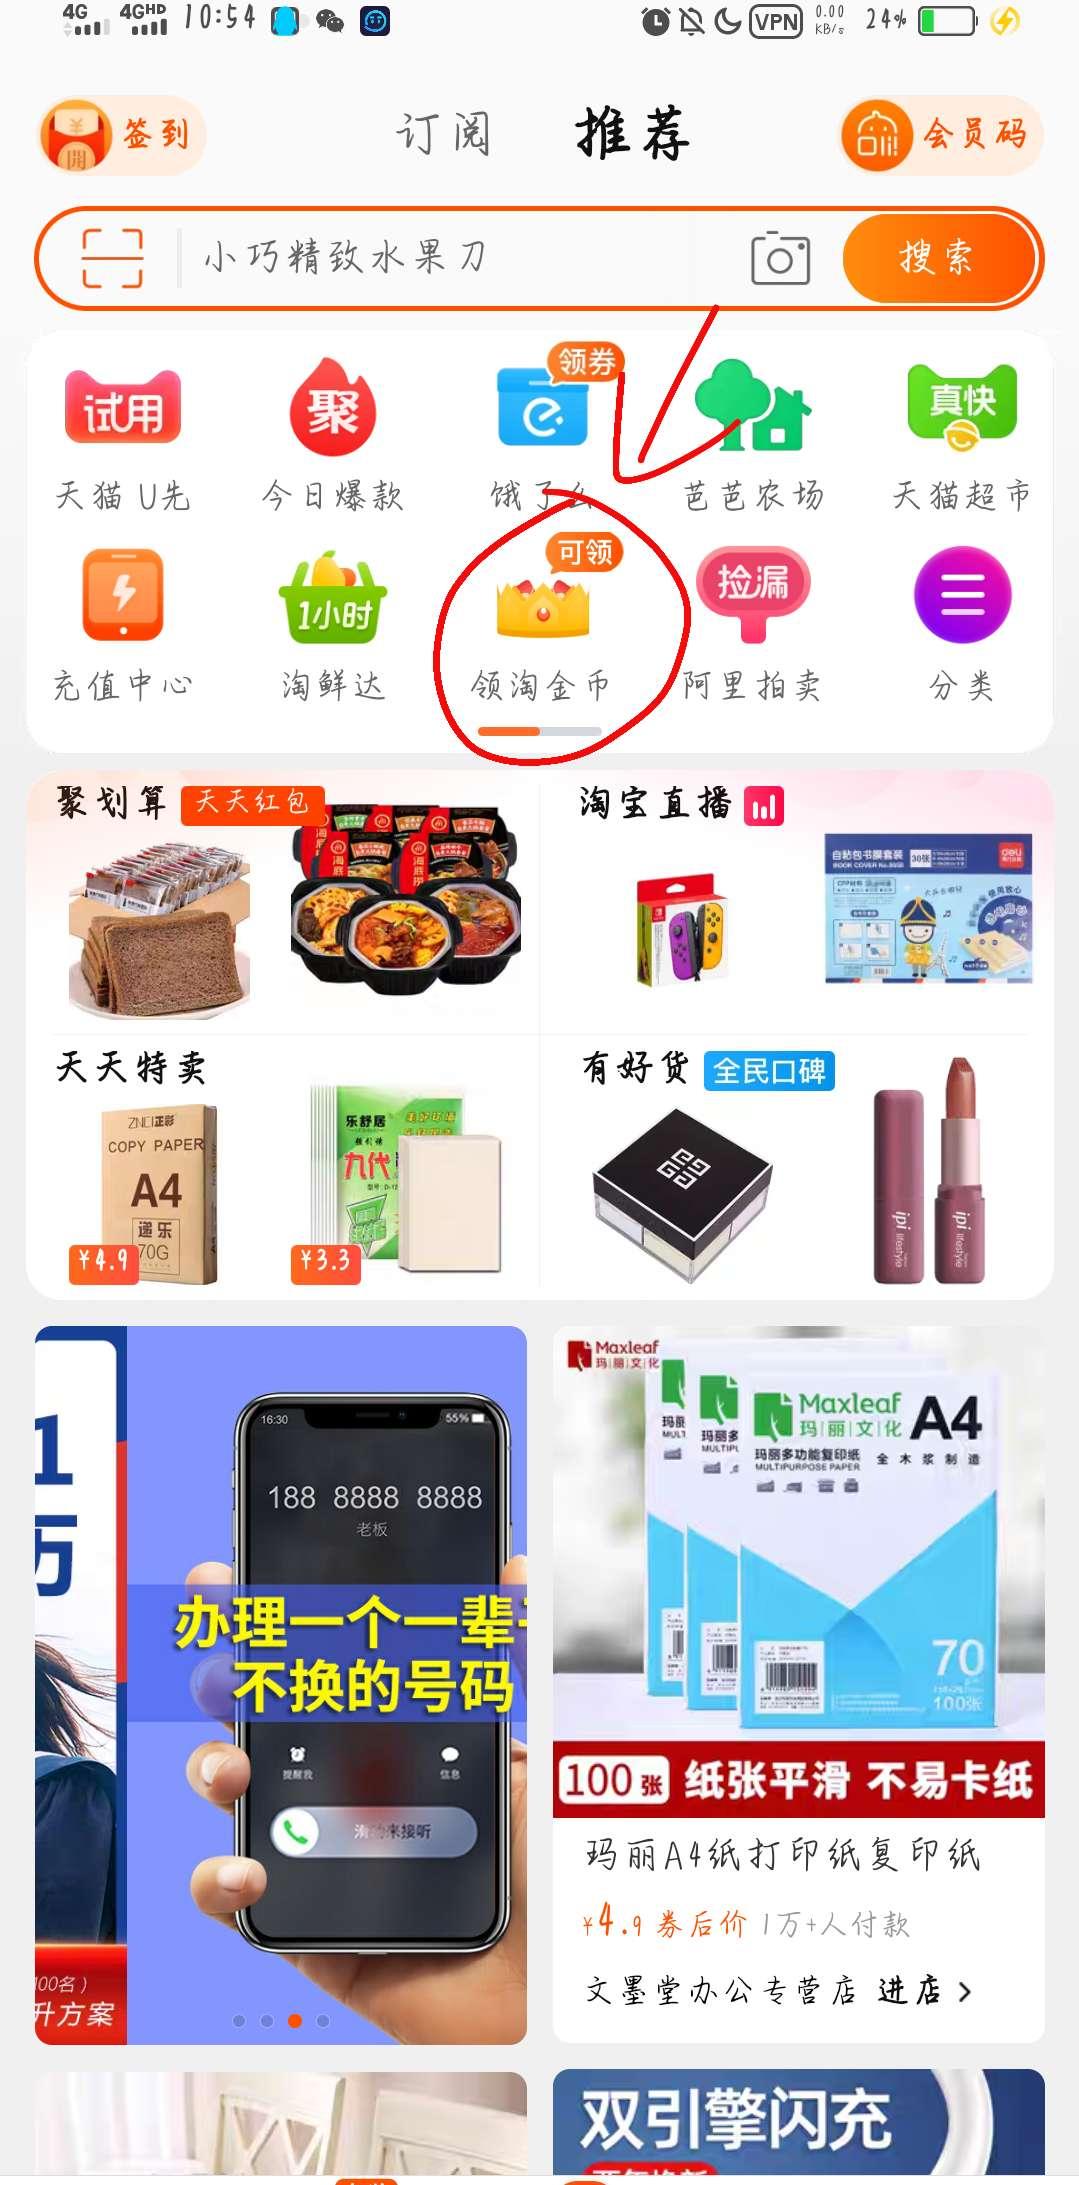 【胎教撸官方正品实物】考拉海购app